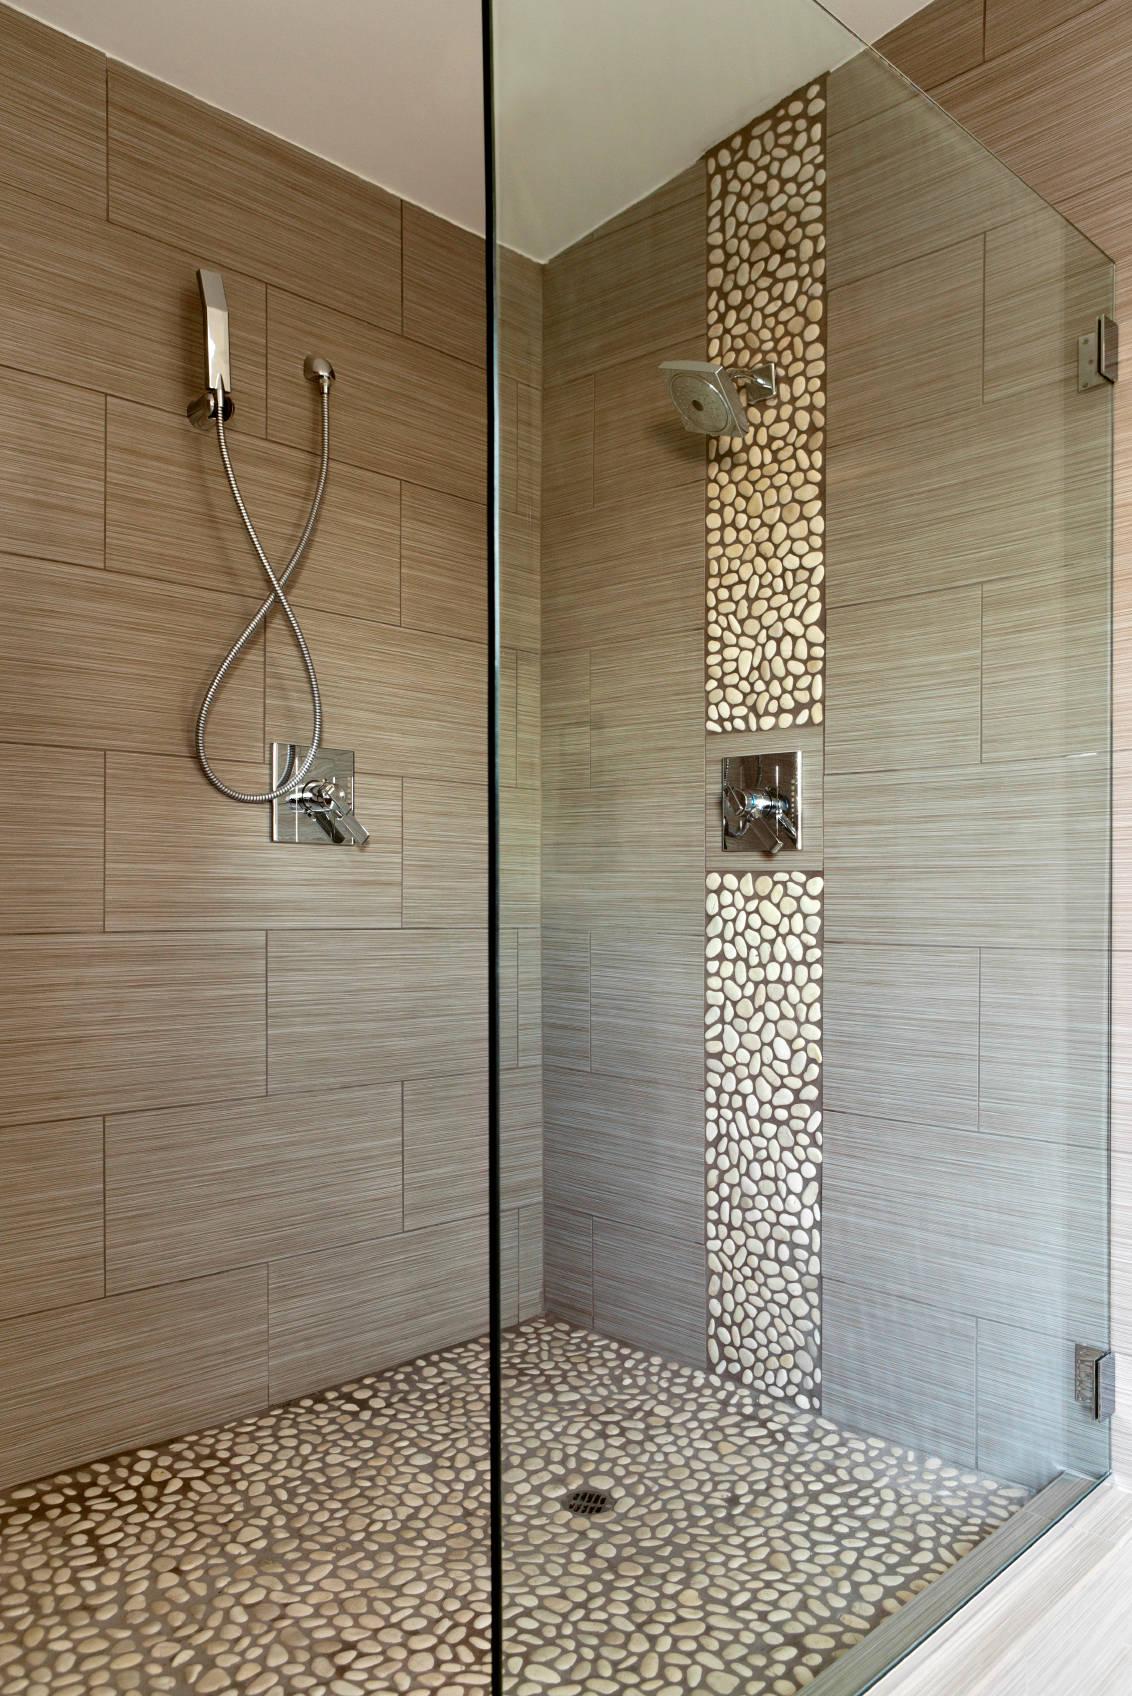 Coastal Pebble Tile Floor Bathroom, Bathroom With Pebble Tiles